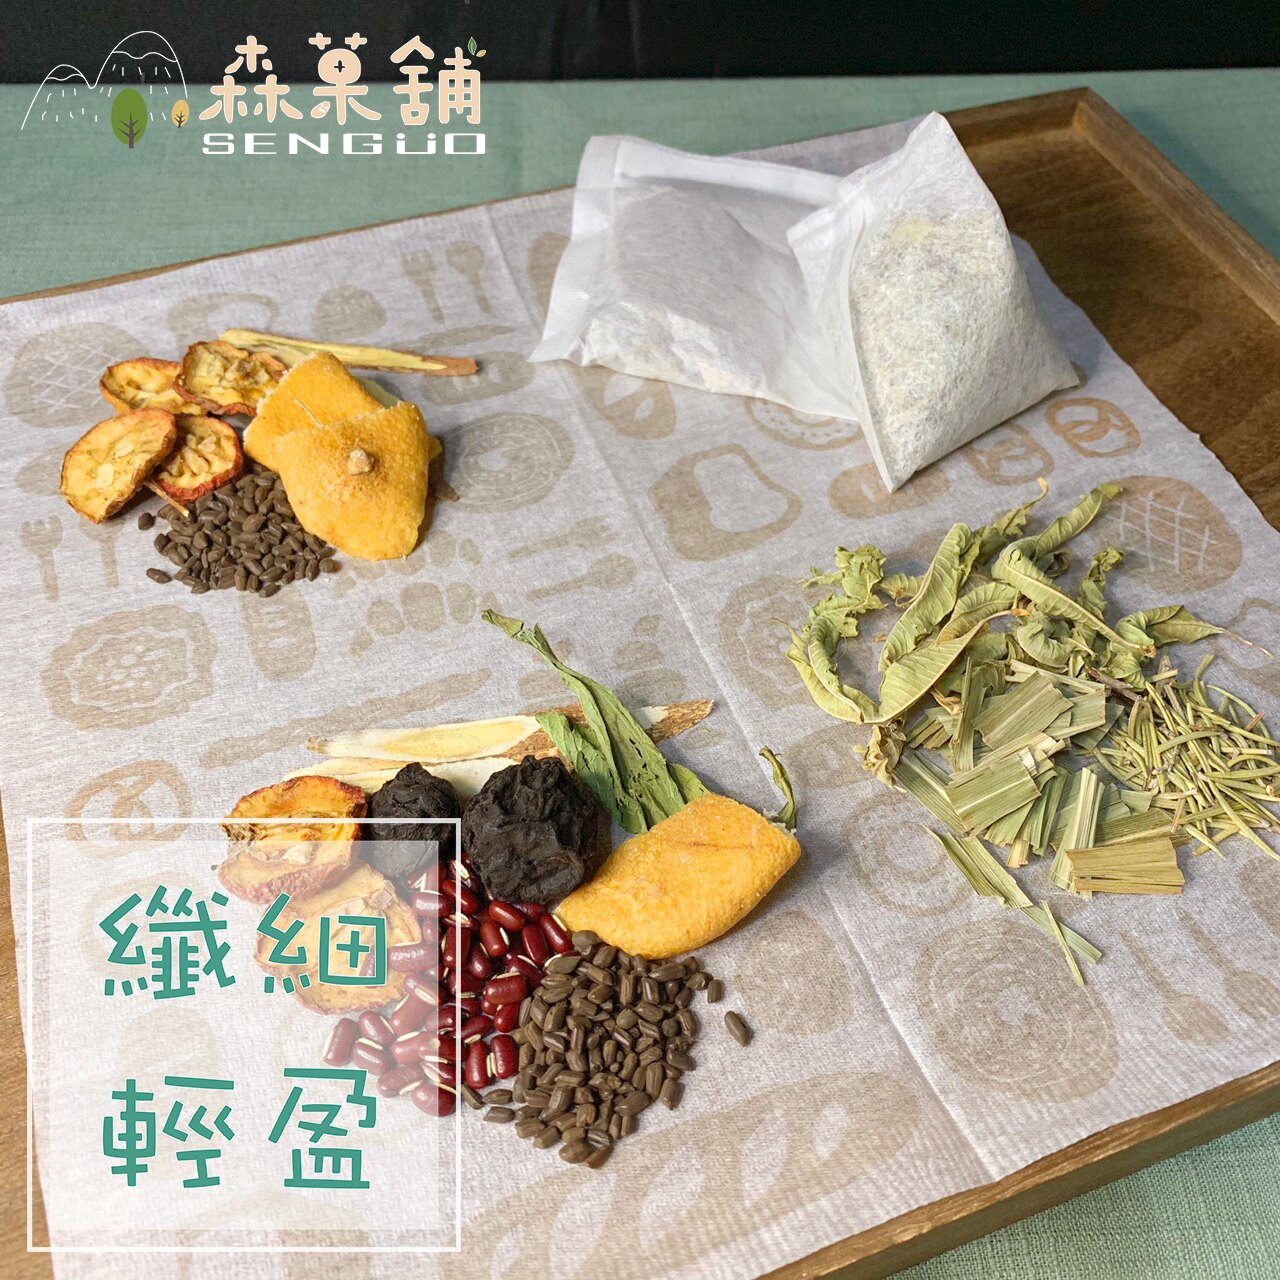 【組合優惠 茶飲系列~任意搭配買五送一】輕盈山楂茶、檸香SPA茶、纖暢茶、茶包 【纖細輕盈茶飲】